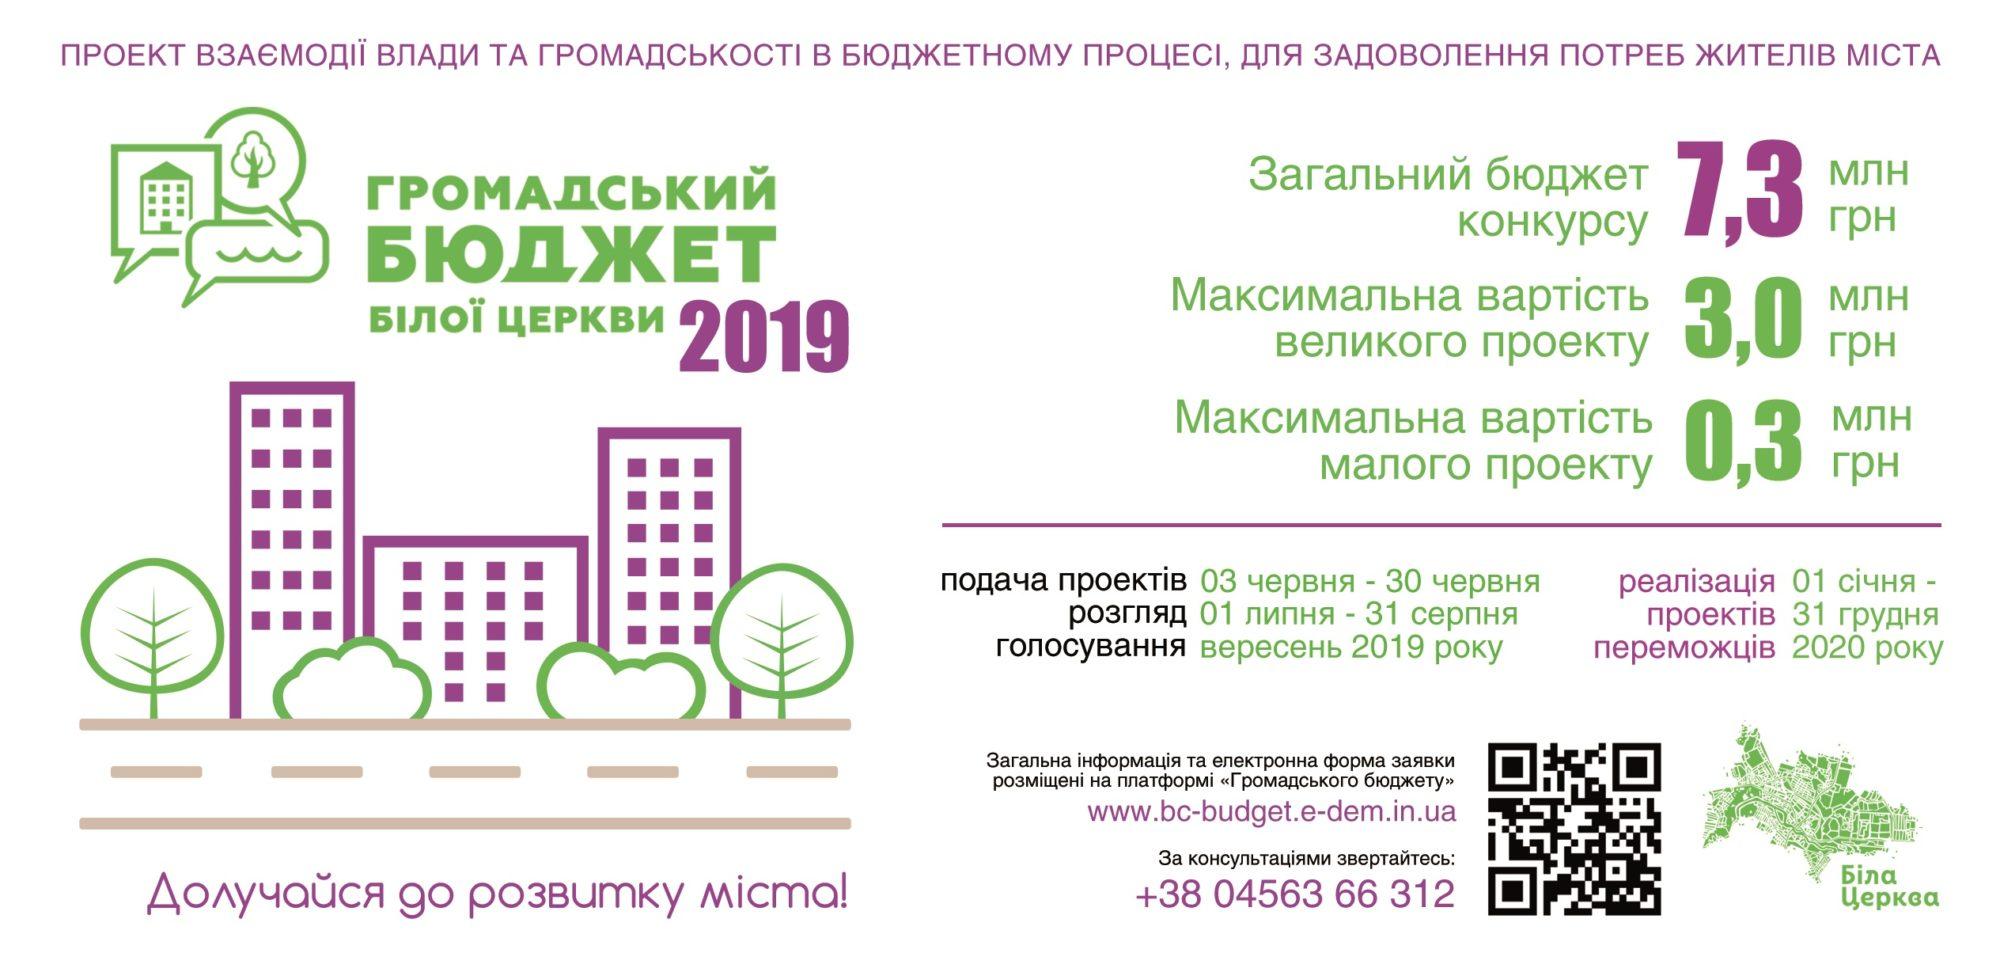 2-9-2000x972 Громадський бюджет Білої Церкви 2019: починається прийом проектів